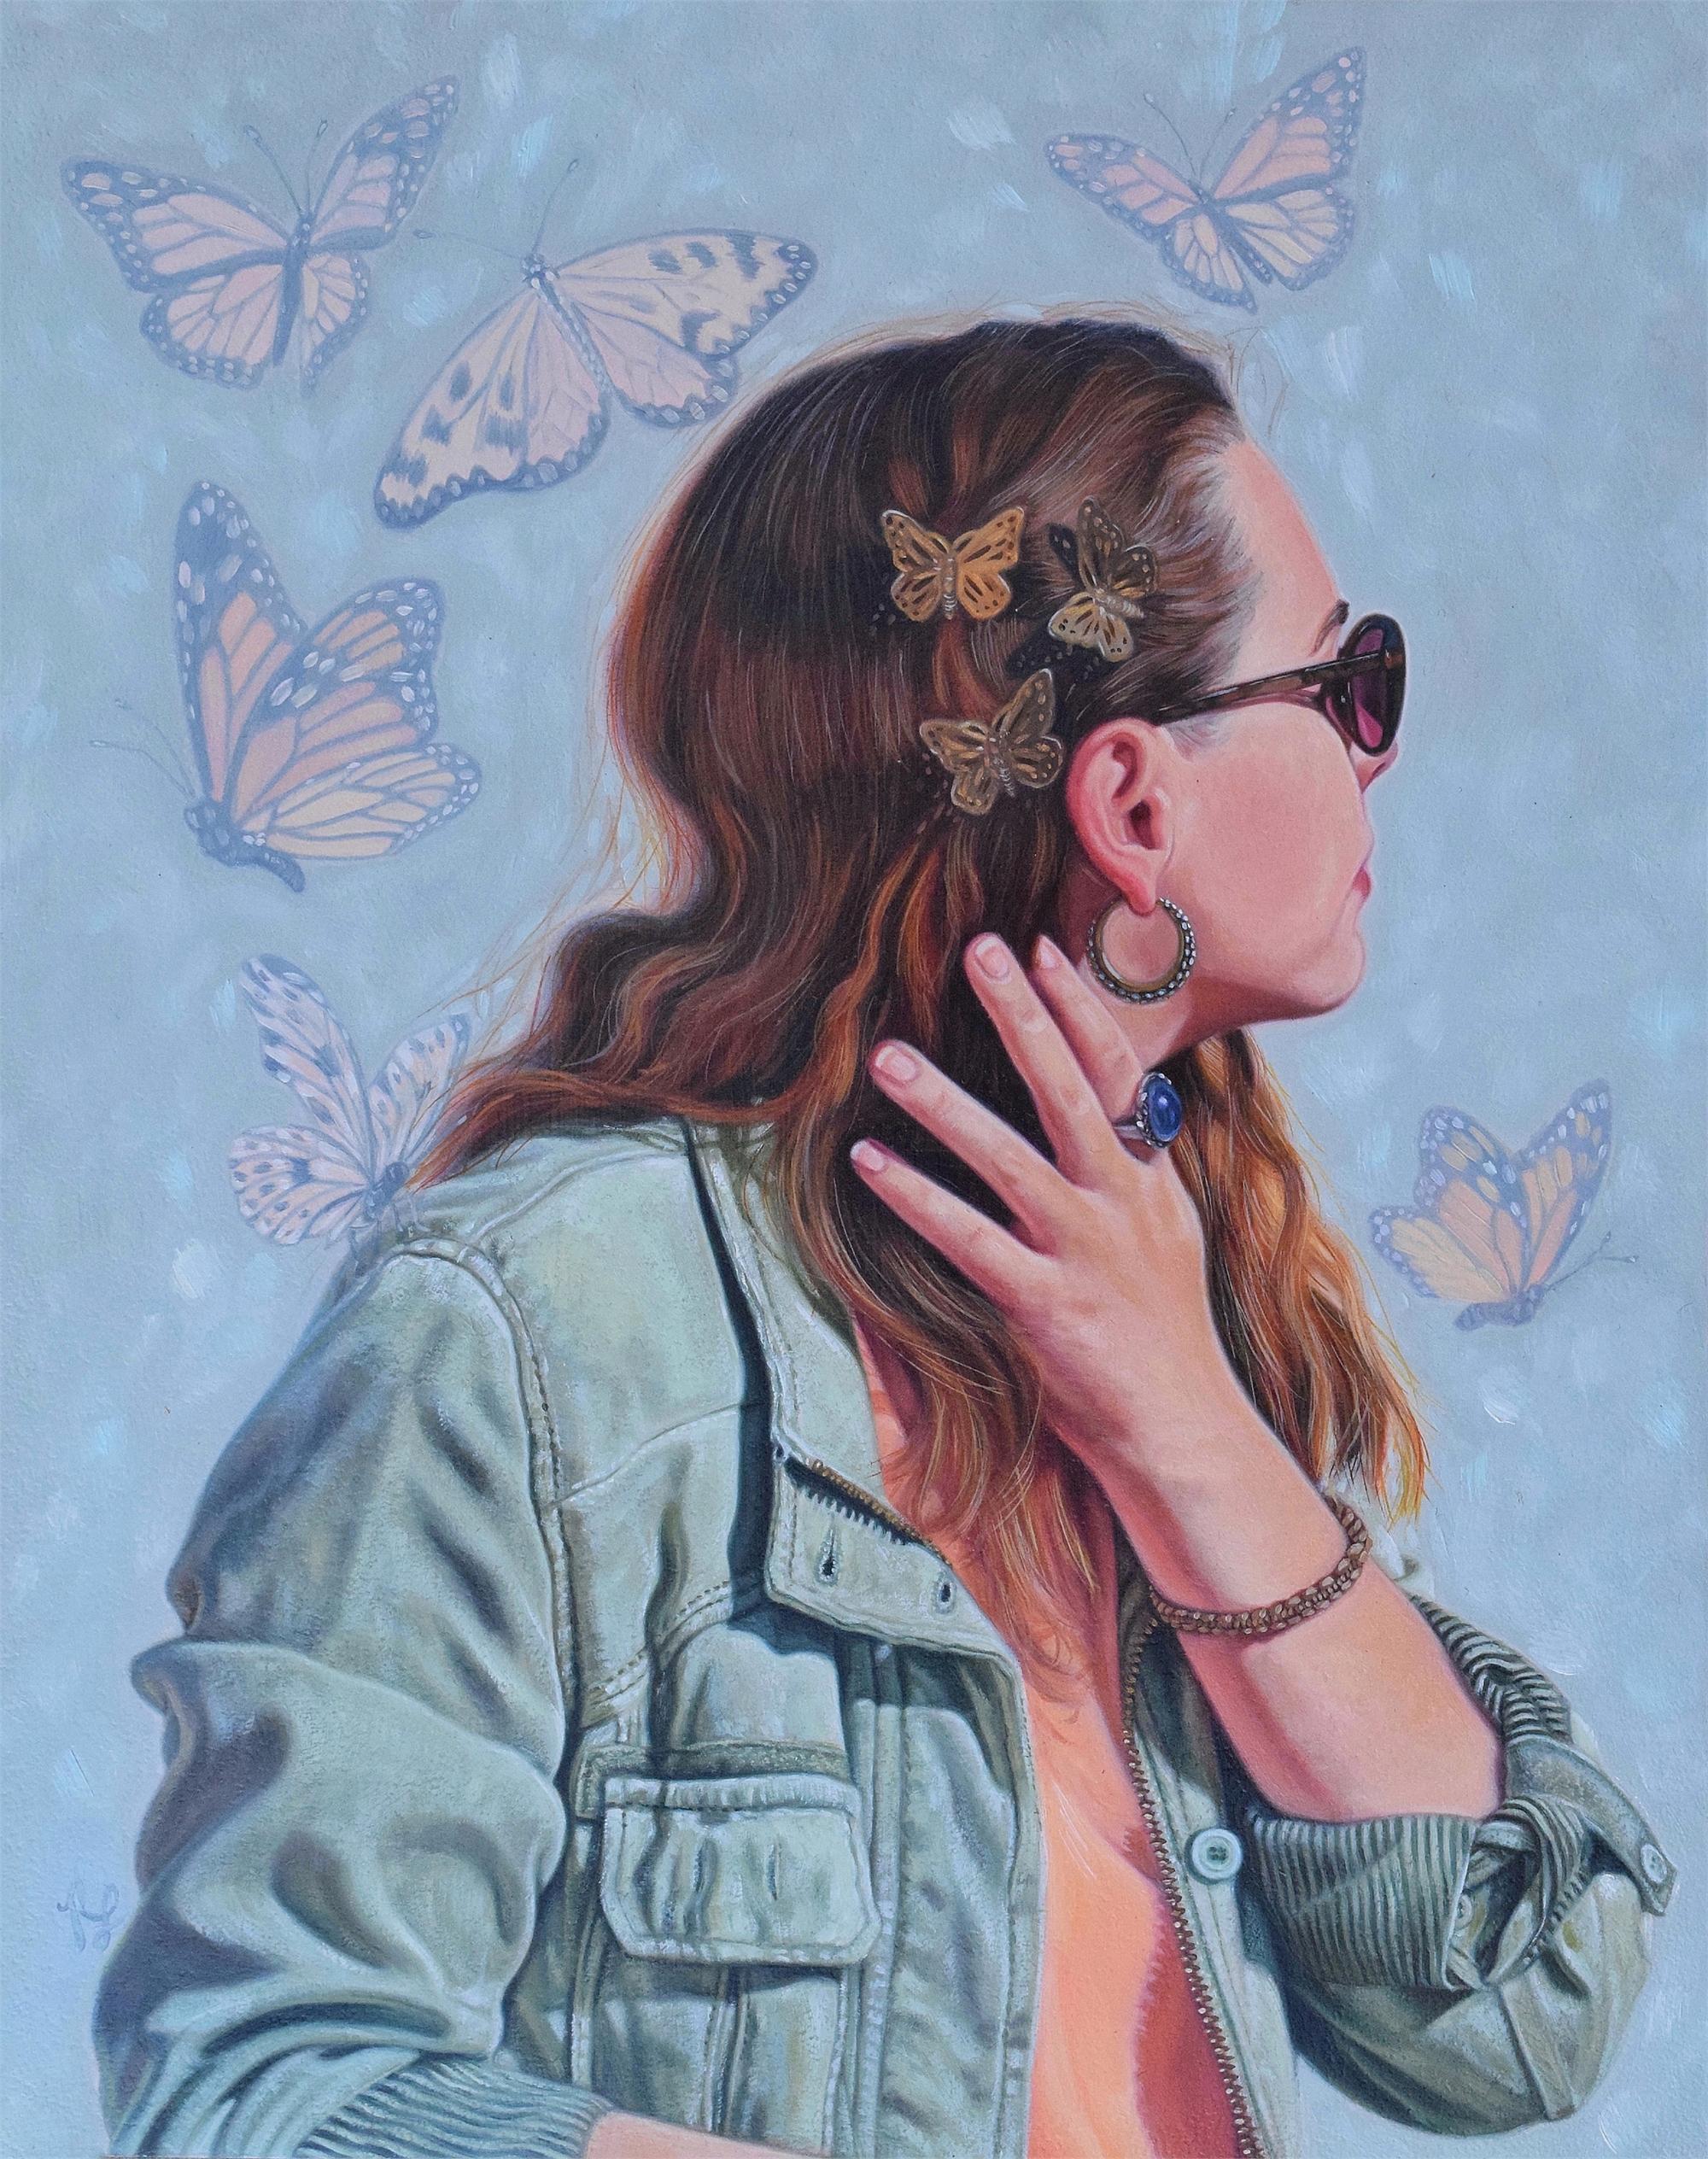 Aflutter by Rachel Linnemeier